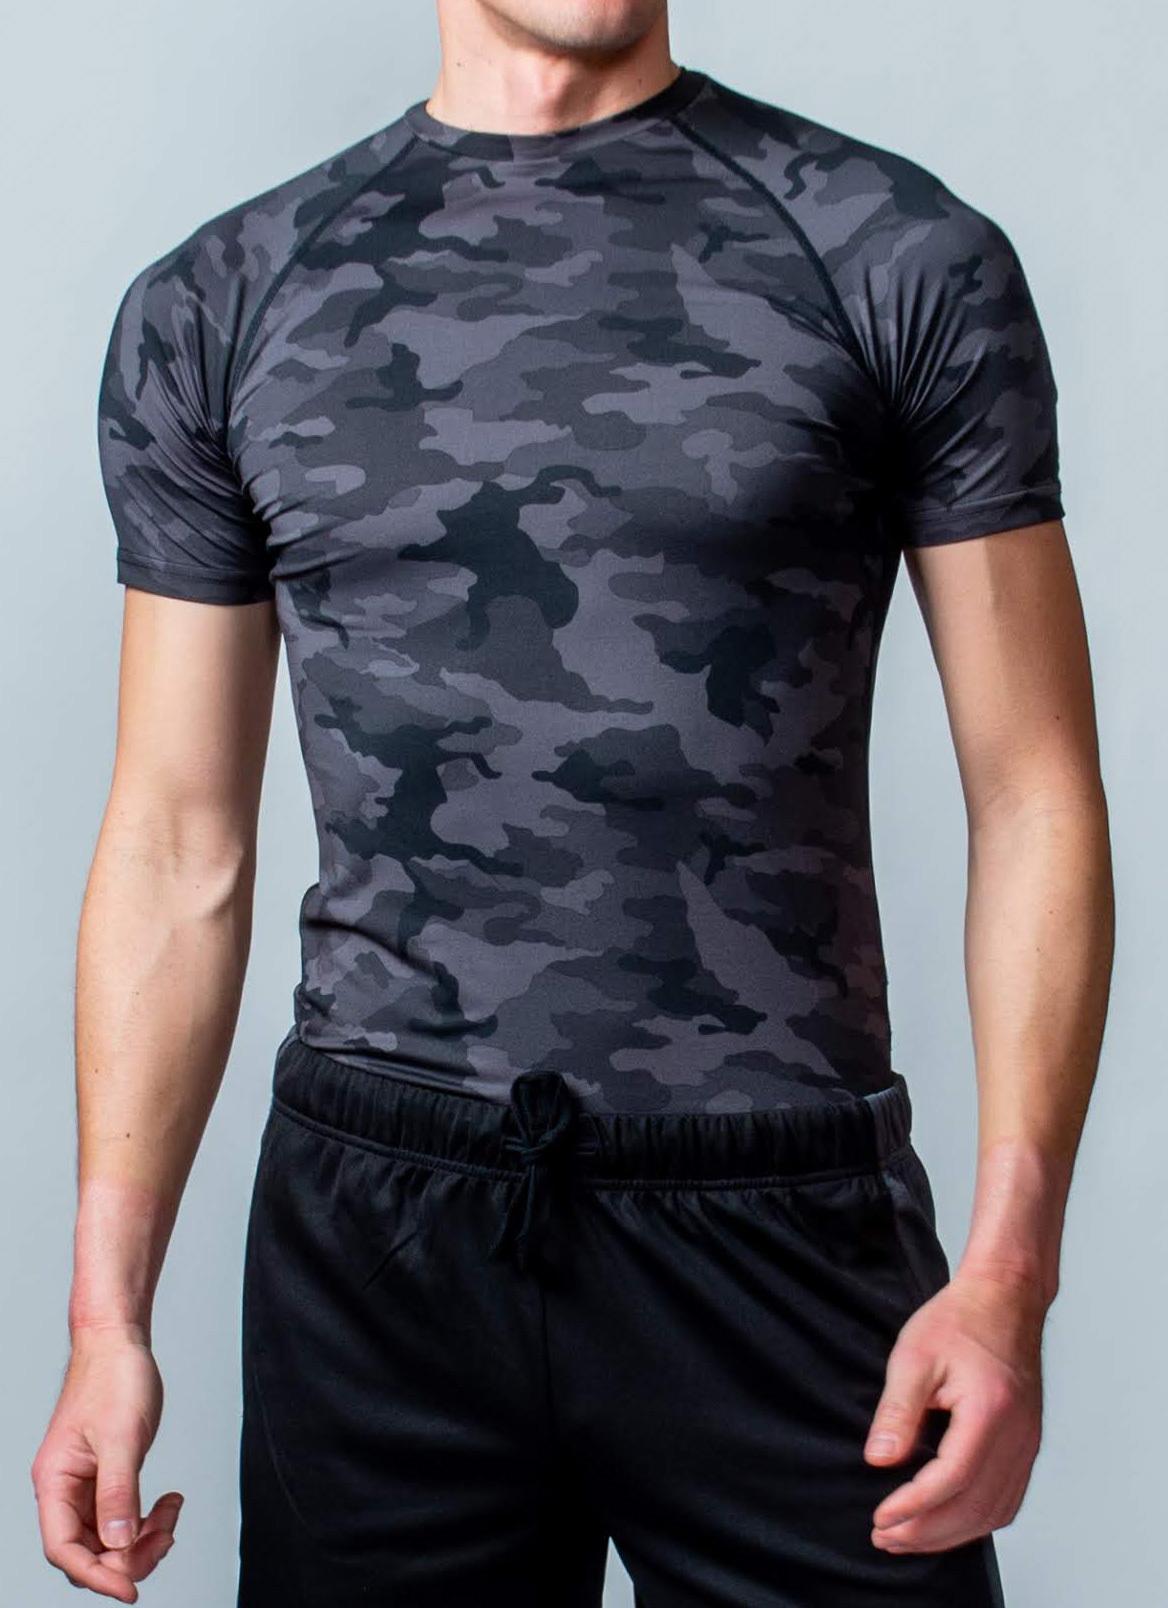 トレーニング時の動きをサポート「コンプレッションウェア(半袖)」 (ブラック迷彩)